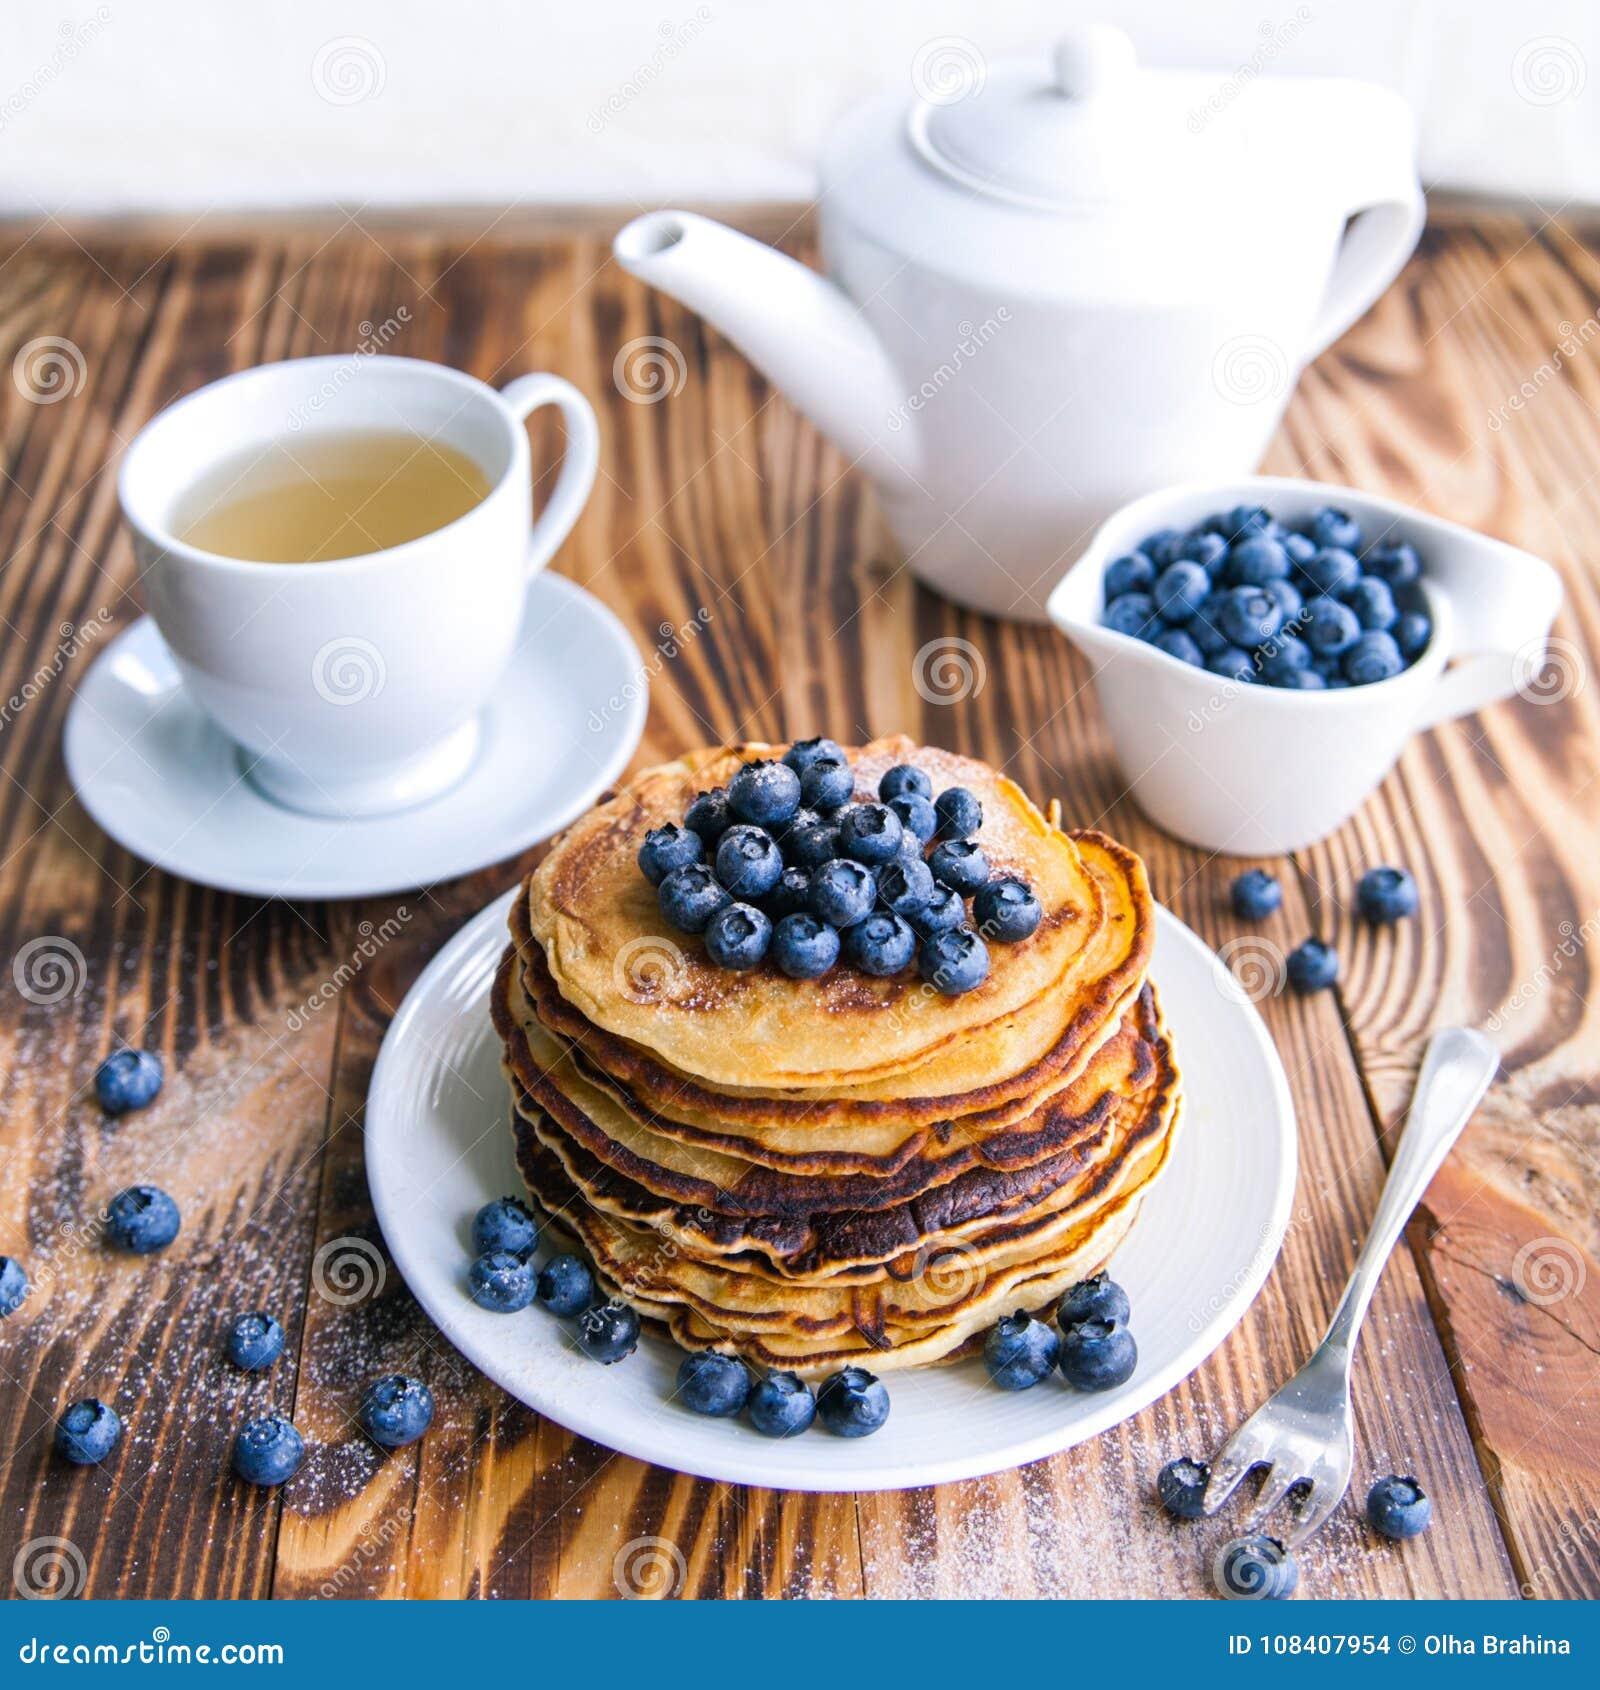 Pancakes Healthy Breakfast With Blueberries, Bog ...